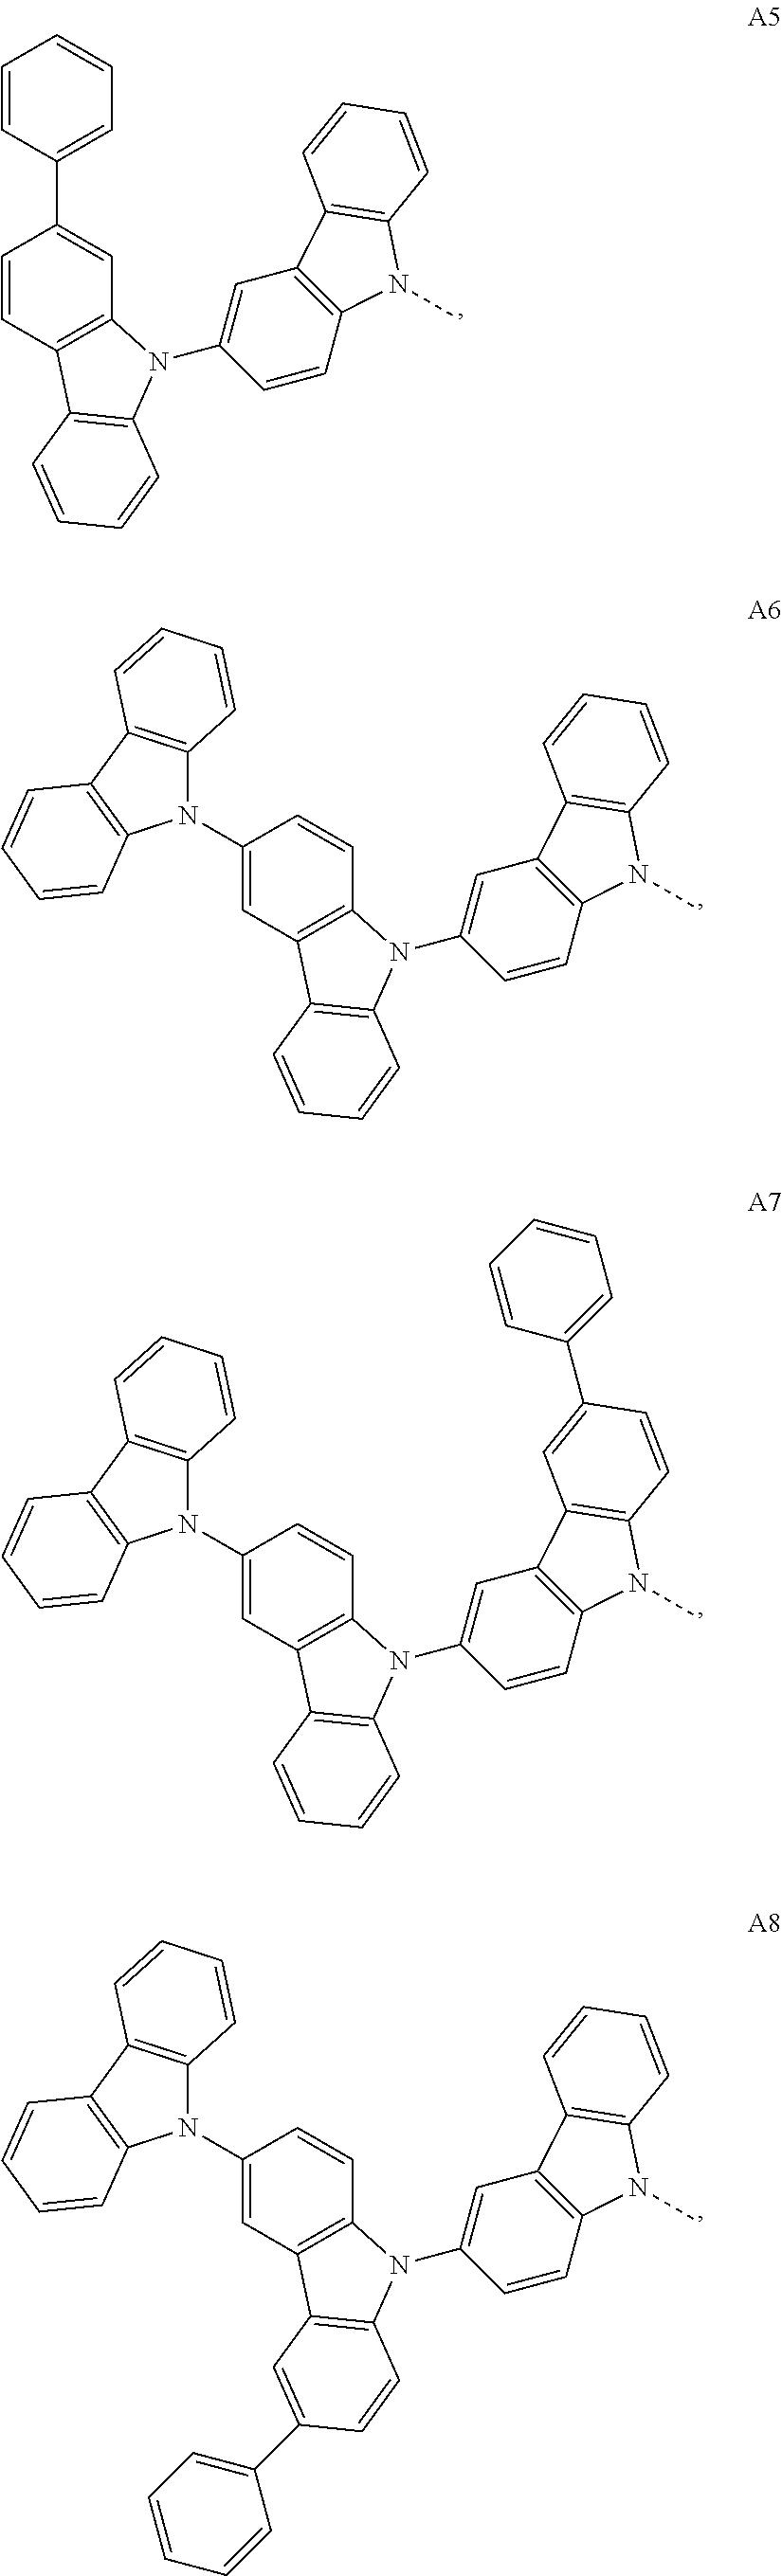 Figure US09876173-20180123-C00010